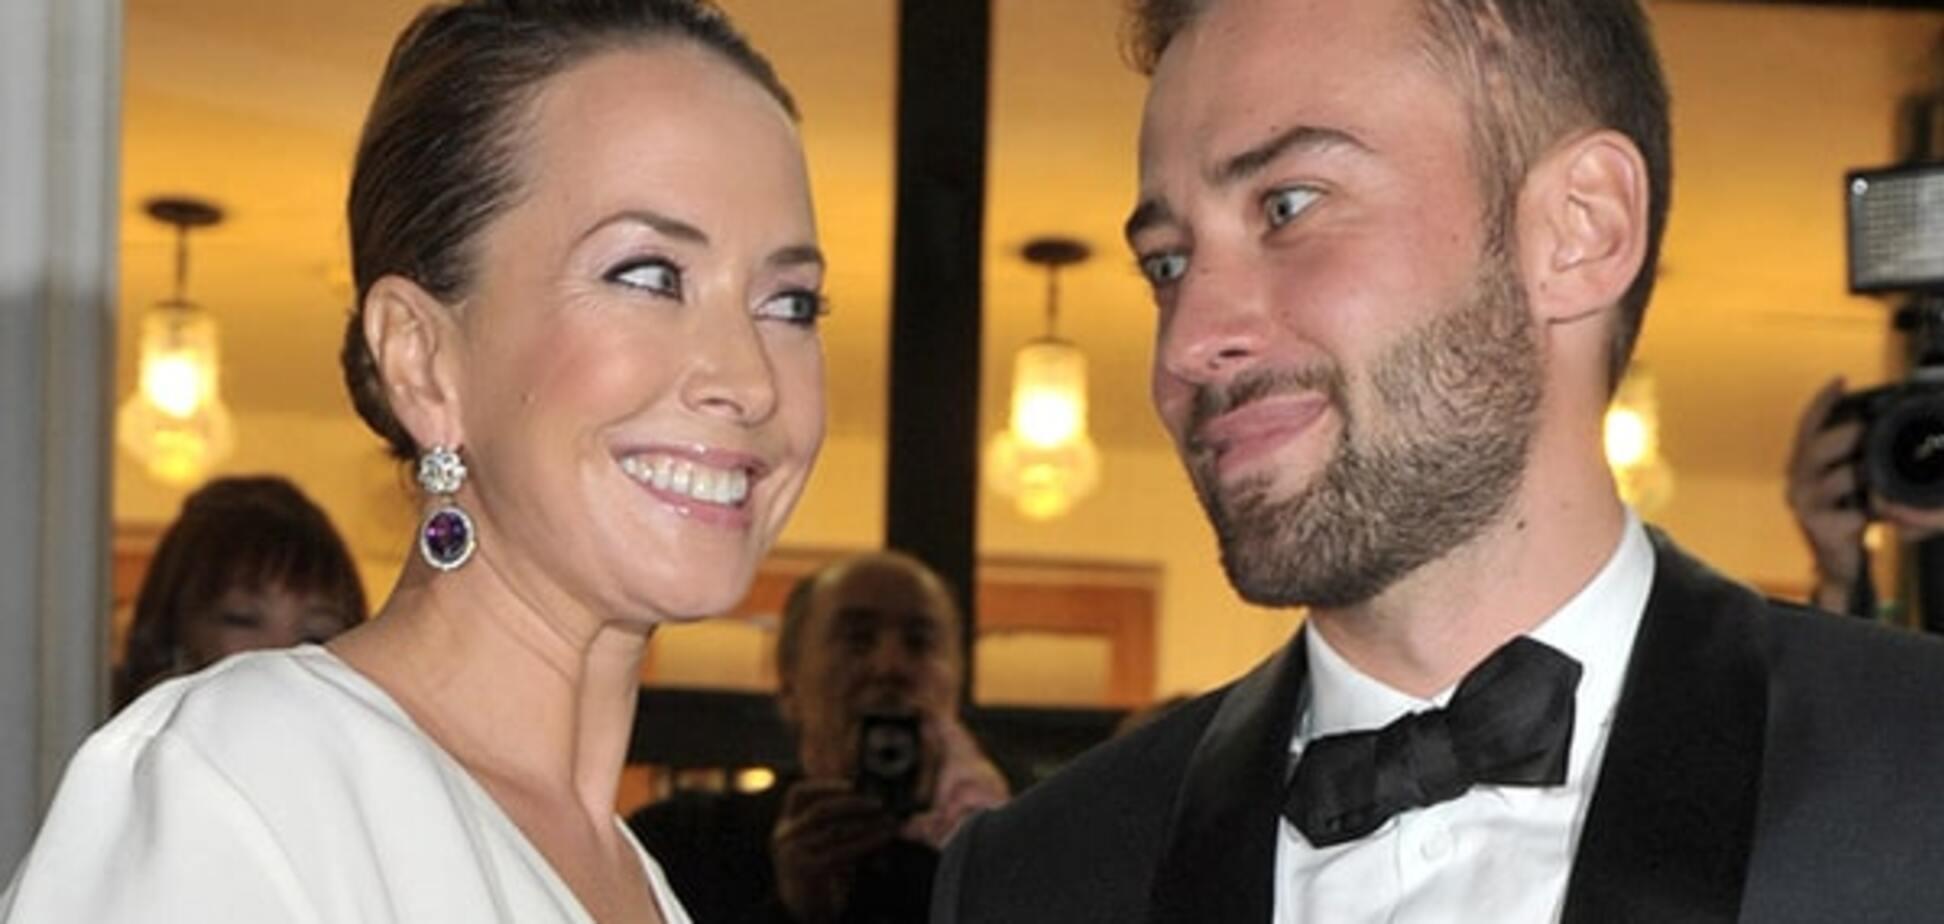 Блогеры осудили семью Фриске за публичный скандал, а Шепелева назвали идеальным отцом